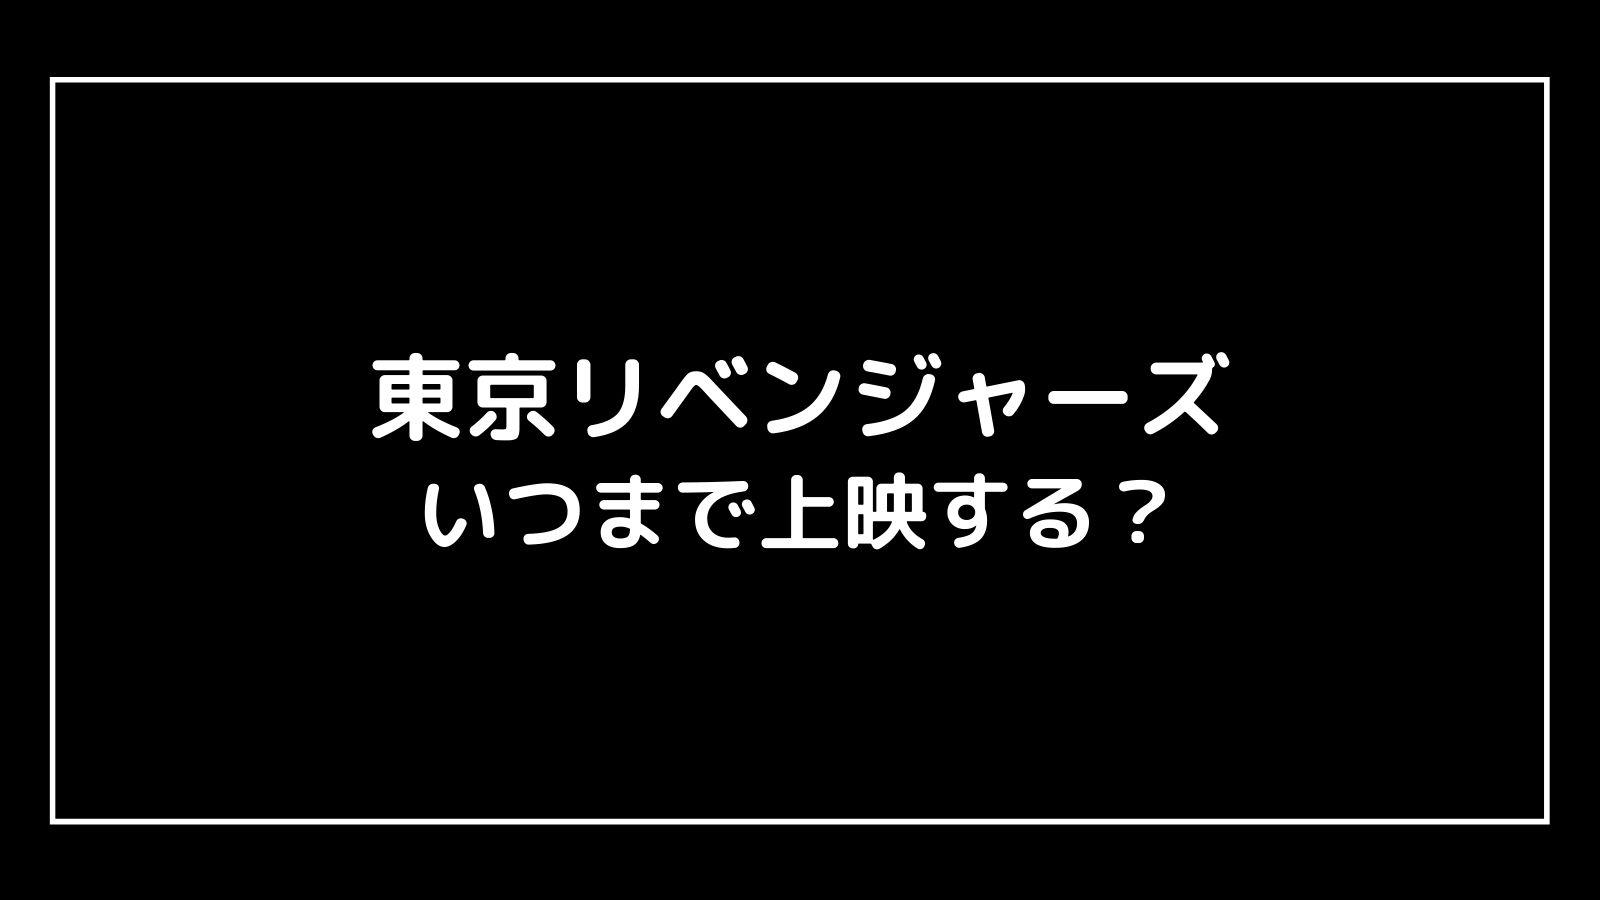 映画『東京リベンジャーズ』はいつまで上映する?元映画館社員が東リベの上映期間を予想